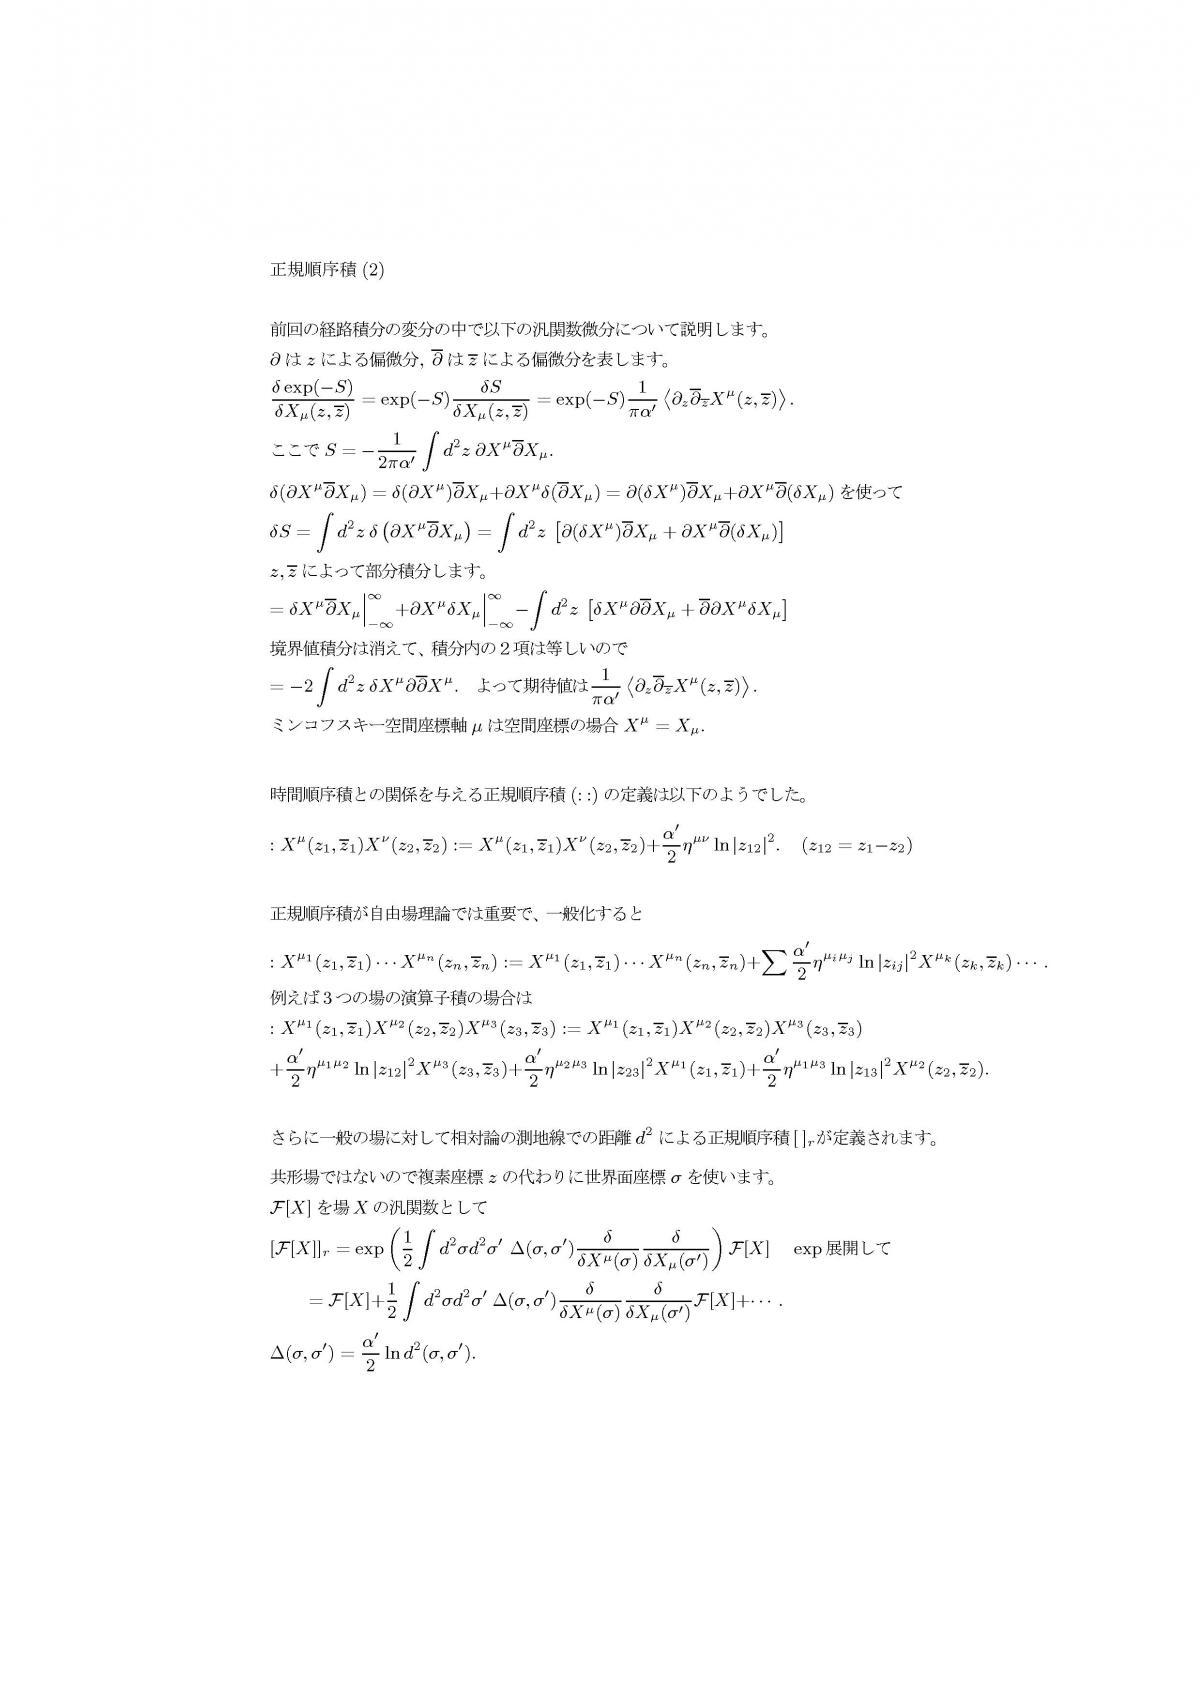 zgen84.jpg